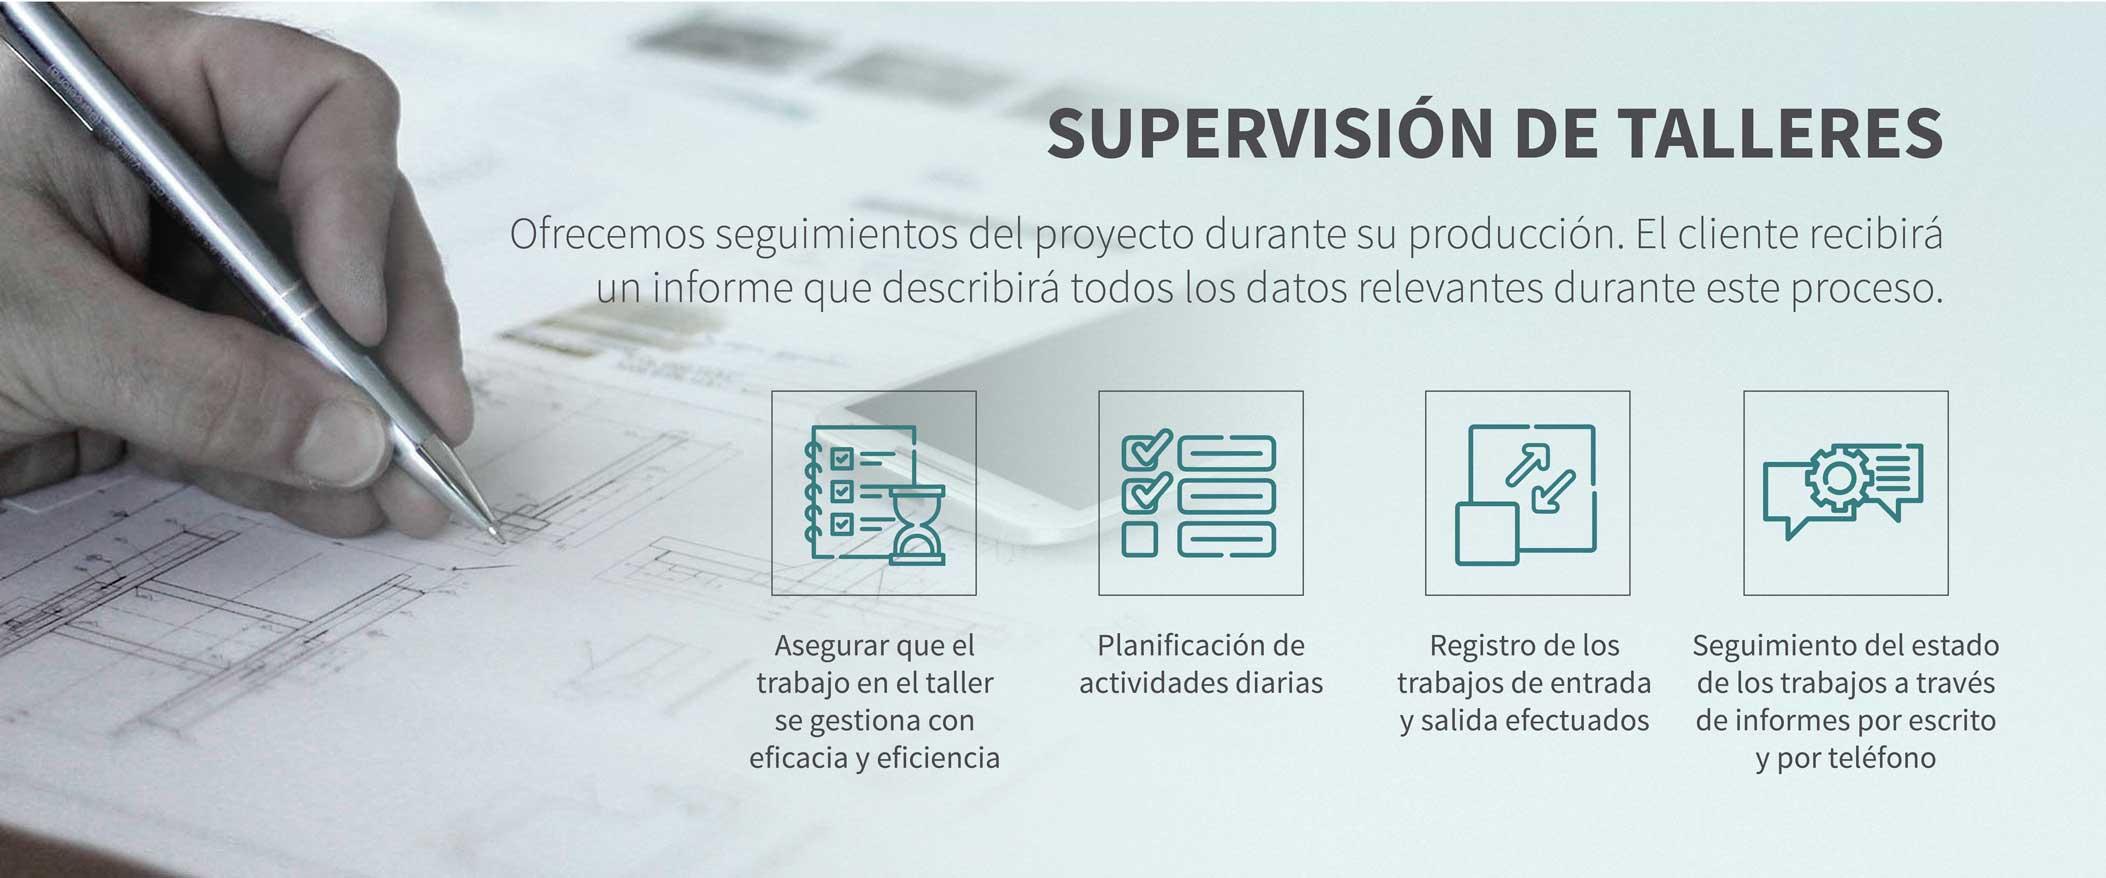 SUPERVISION_TALLERES_2_DELPROsl_VALLIRANA_BARCELONA